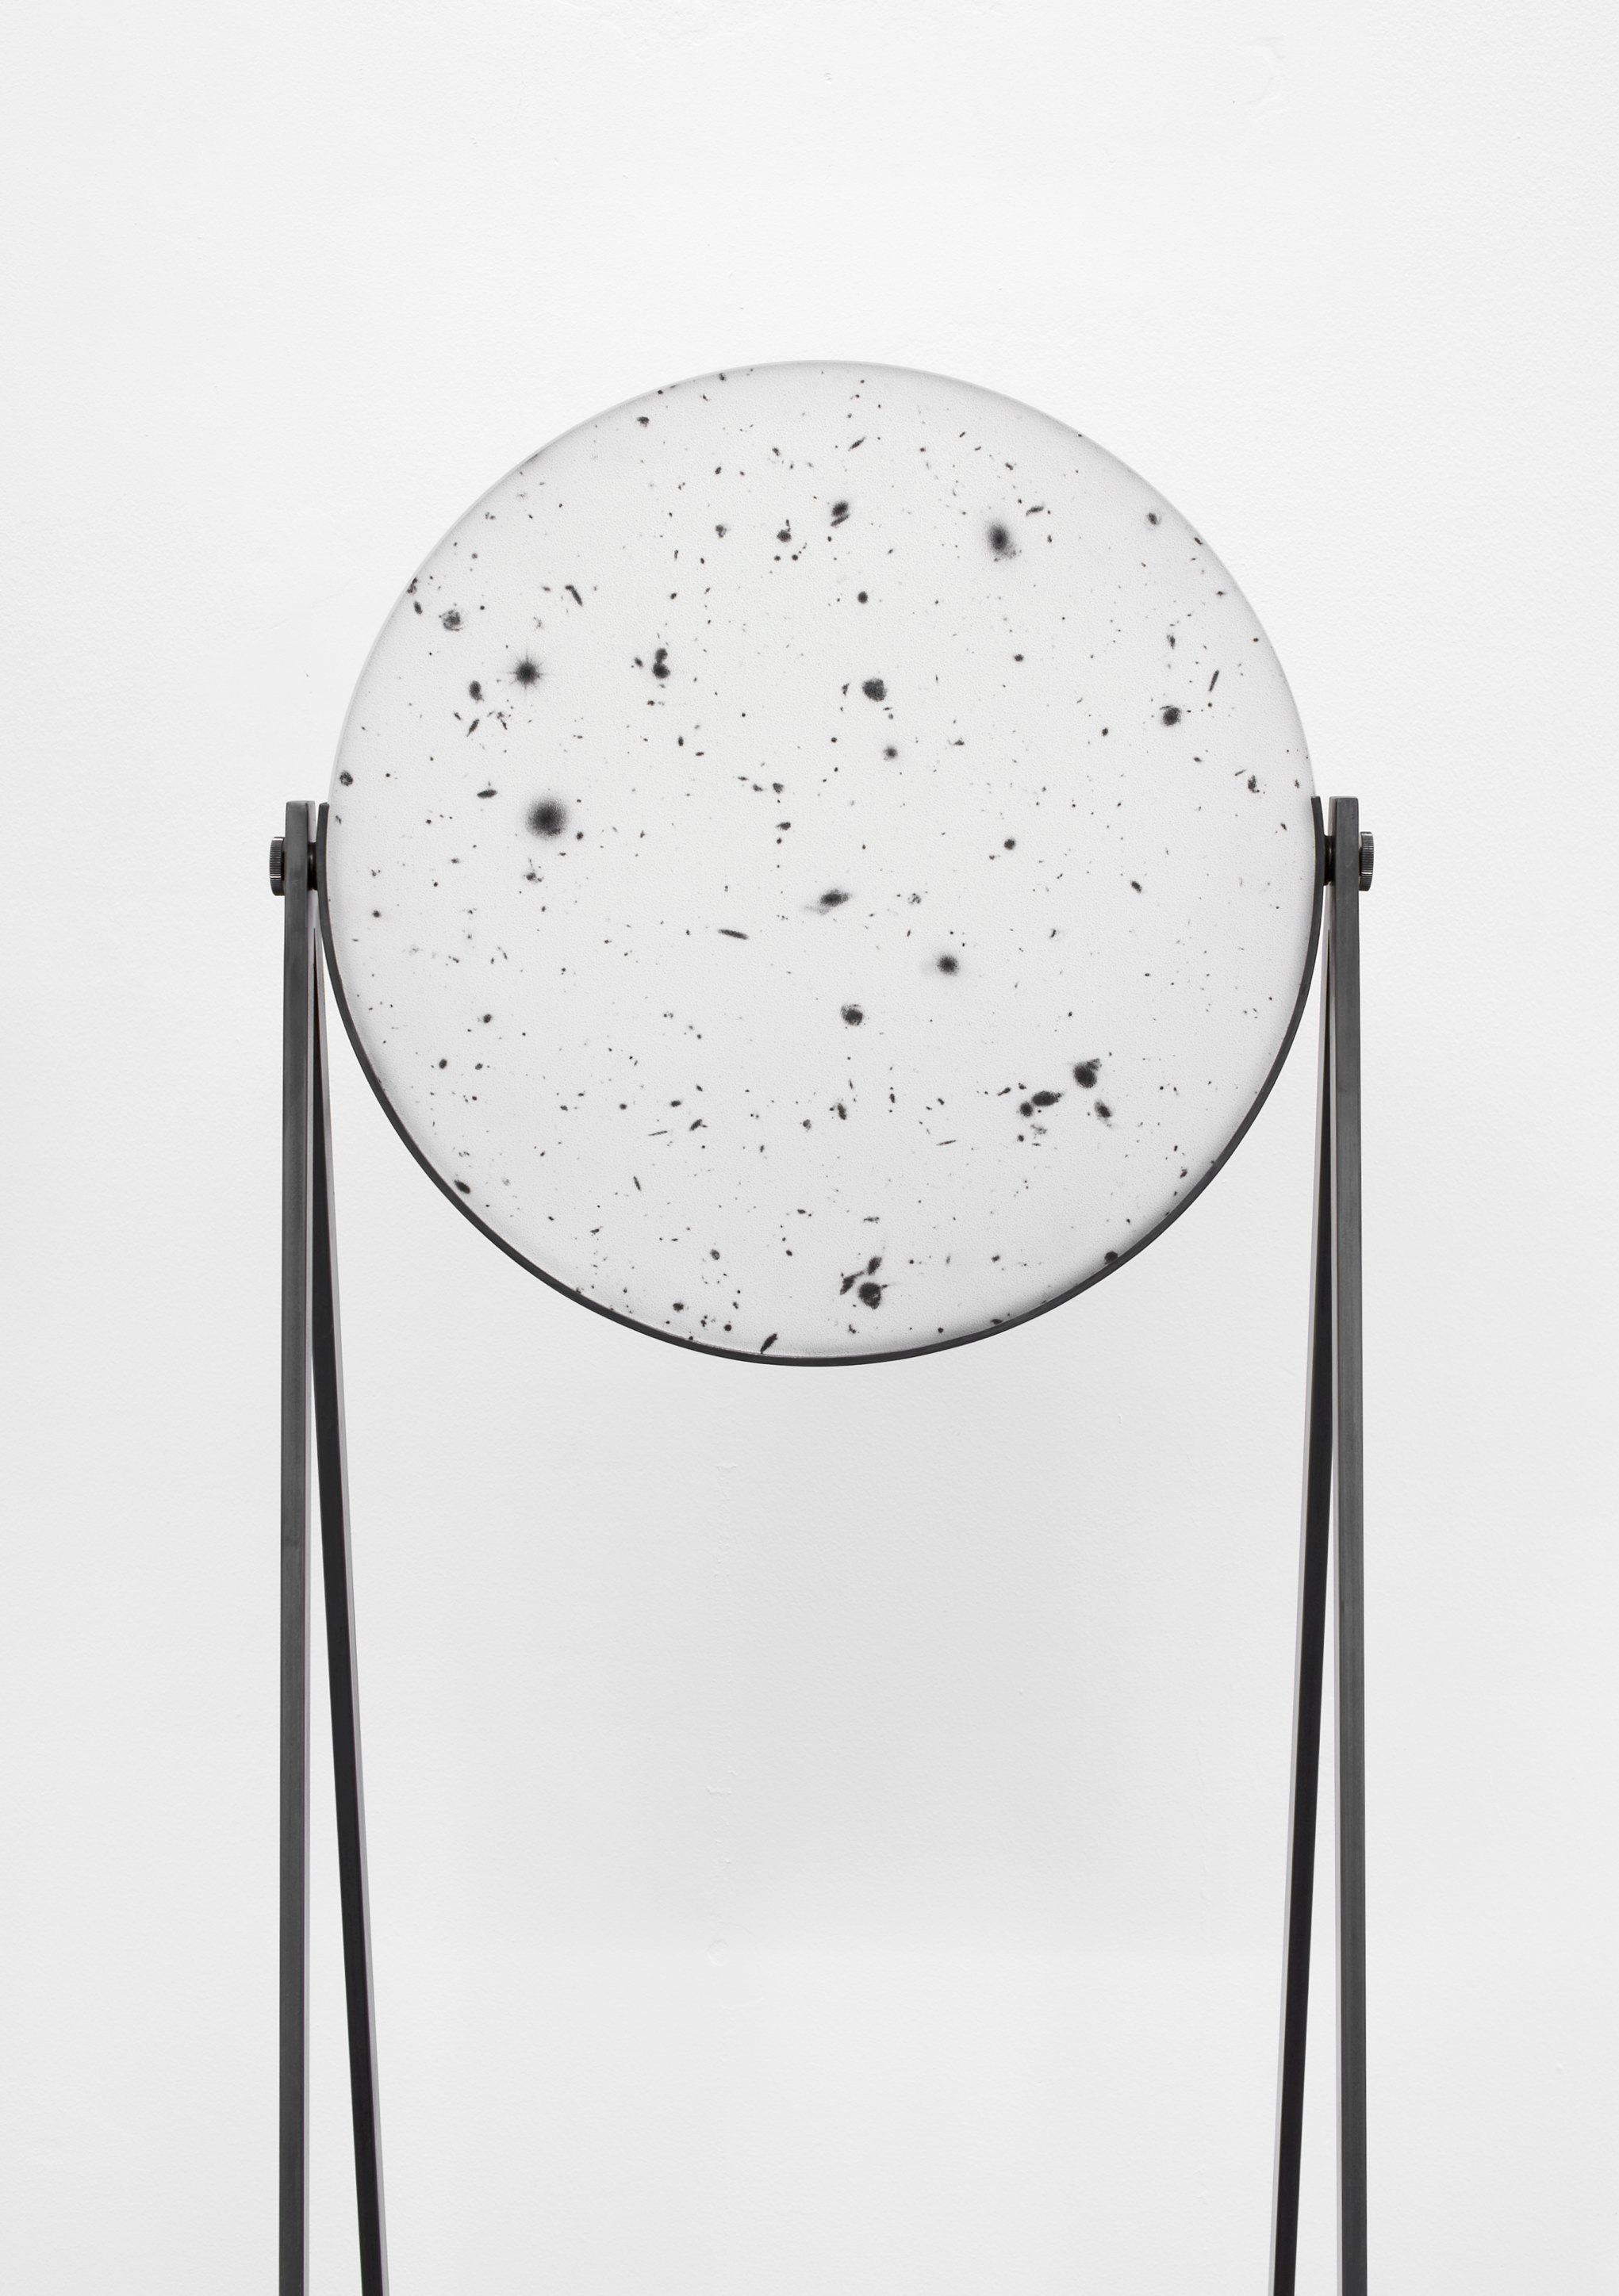 Caroline Corbasson, 2015 - Diam 40 cm ep 2 cm H 150 cm - Sérigraphie sur miroir de téléscope, acier